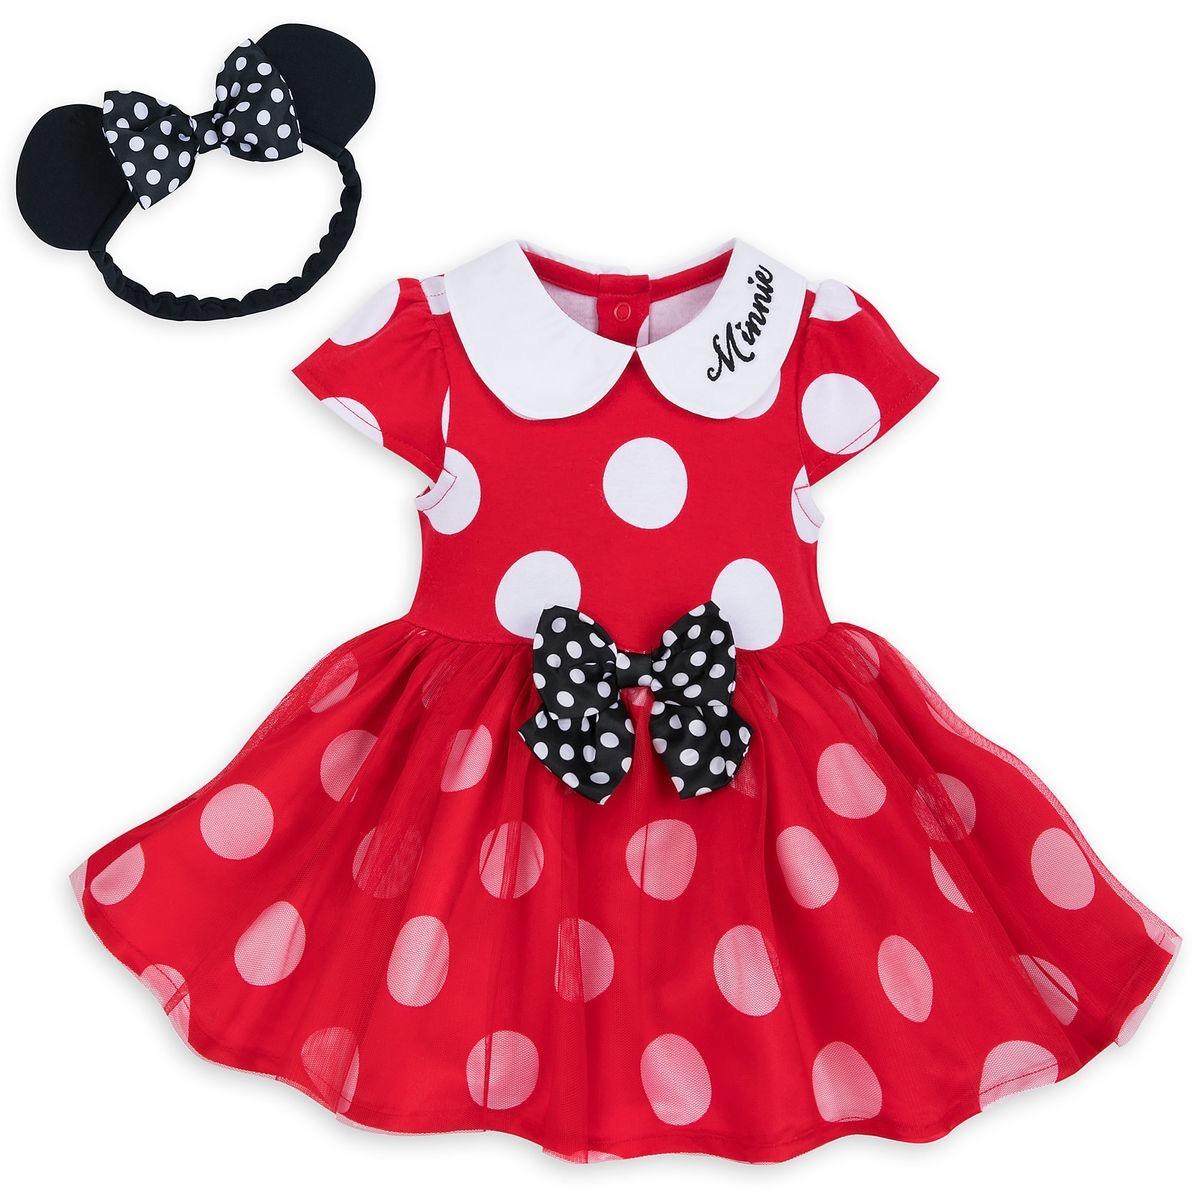 5e4ad113577 Disfraz bebe minnie mouse vestido rojo mimi disney store cargando zoom jpg  1200x1200 Disney fotos de